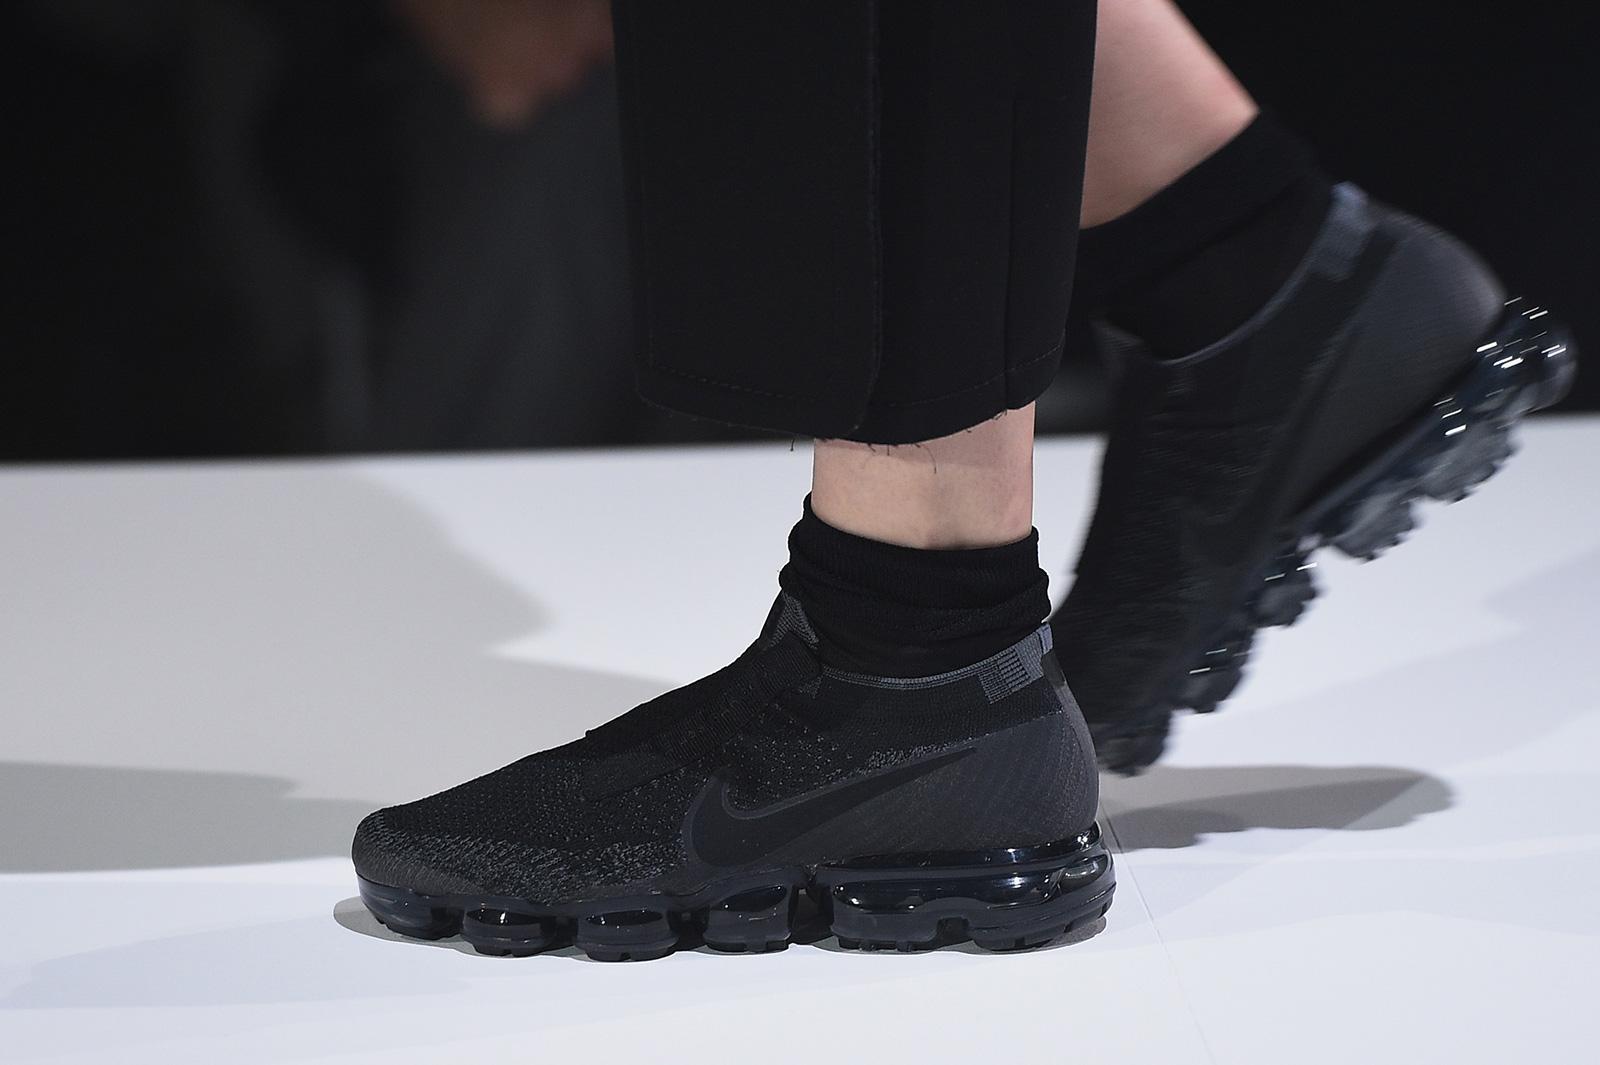 nouveau concept bf001 c63c9 Comme des Garçons x Nike VaporMax